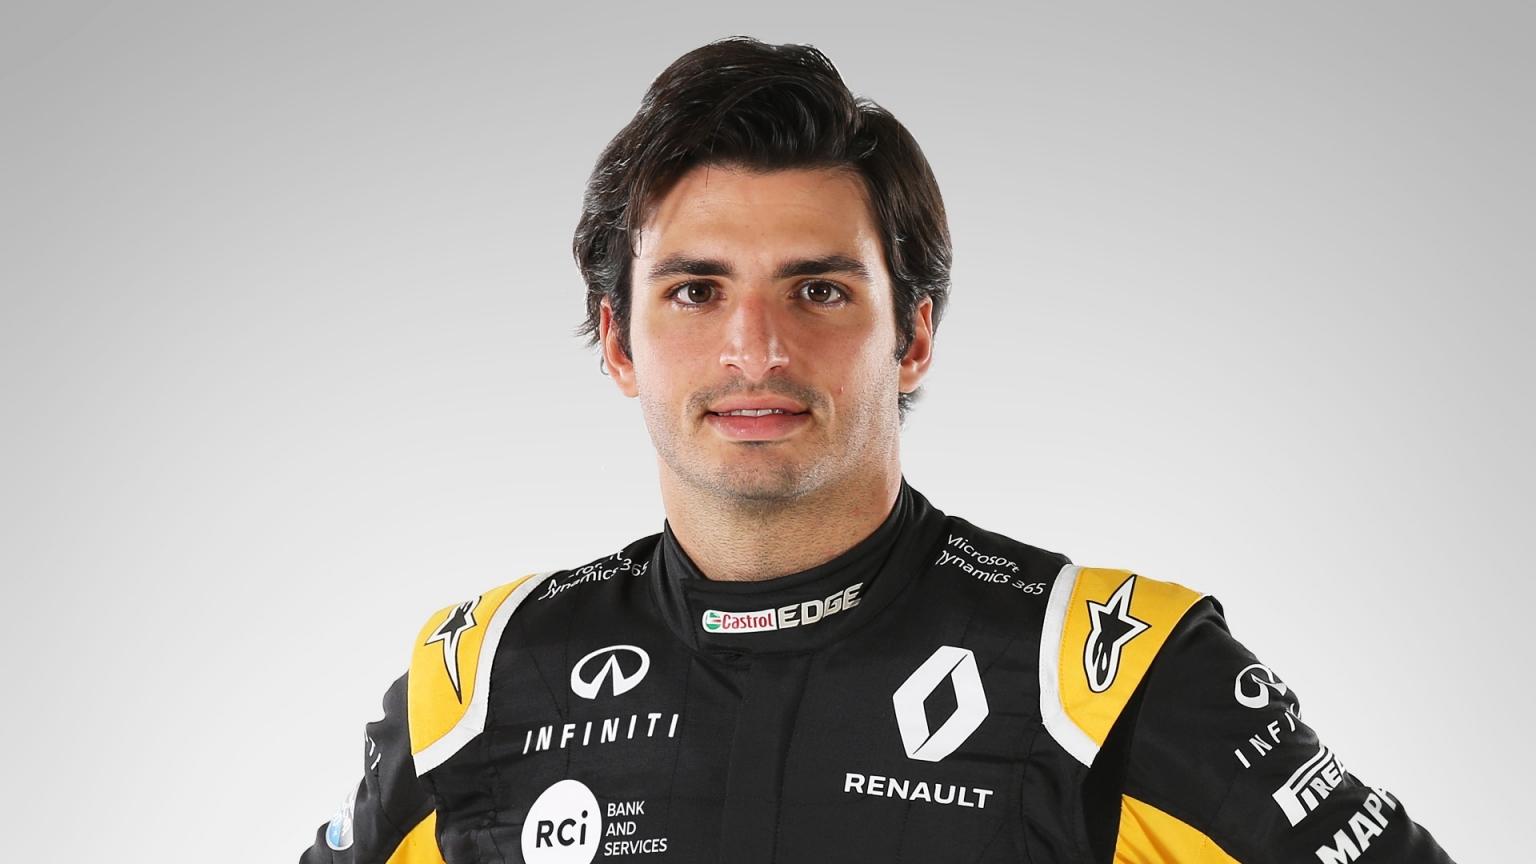 Sainz še ne razmišlja o prestopu v Red Bull